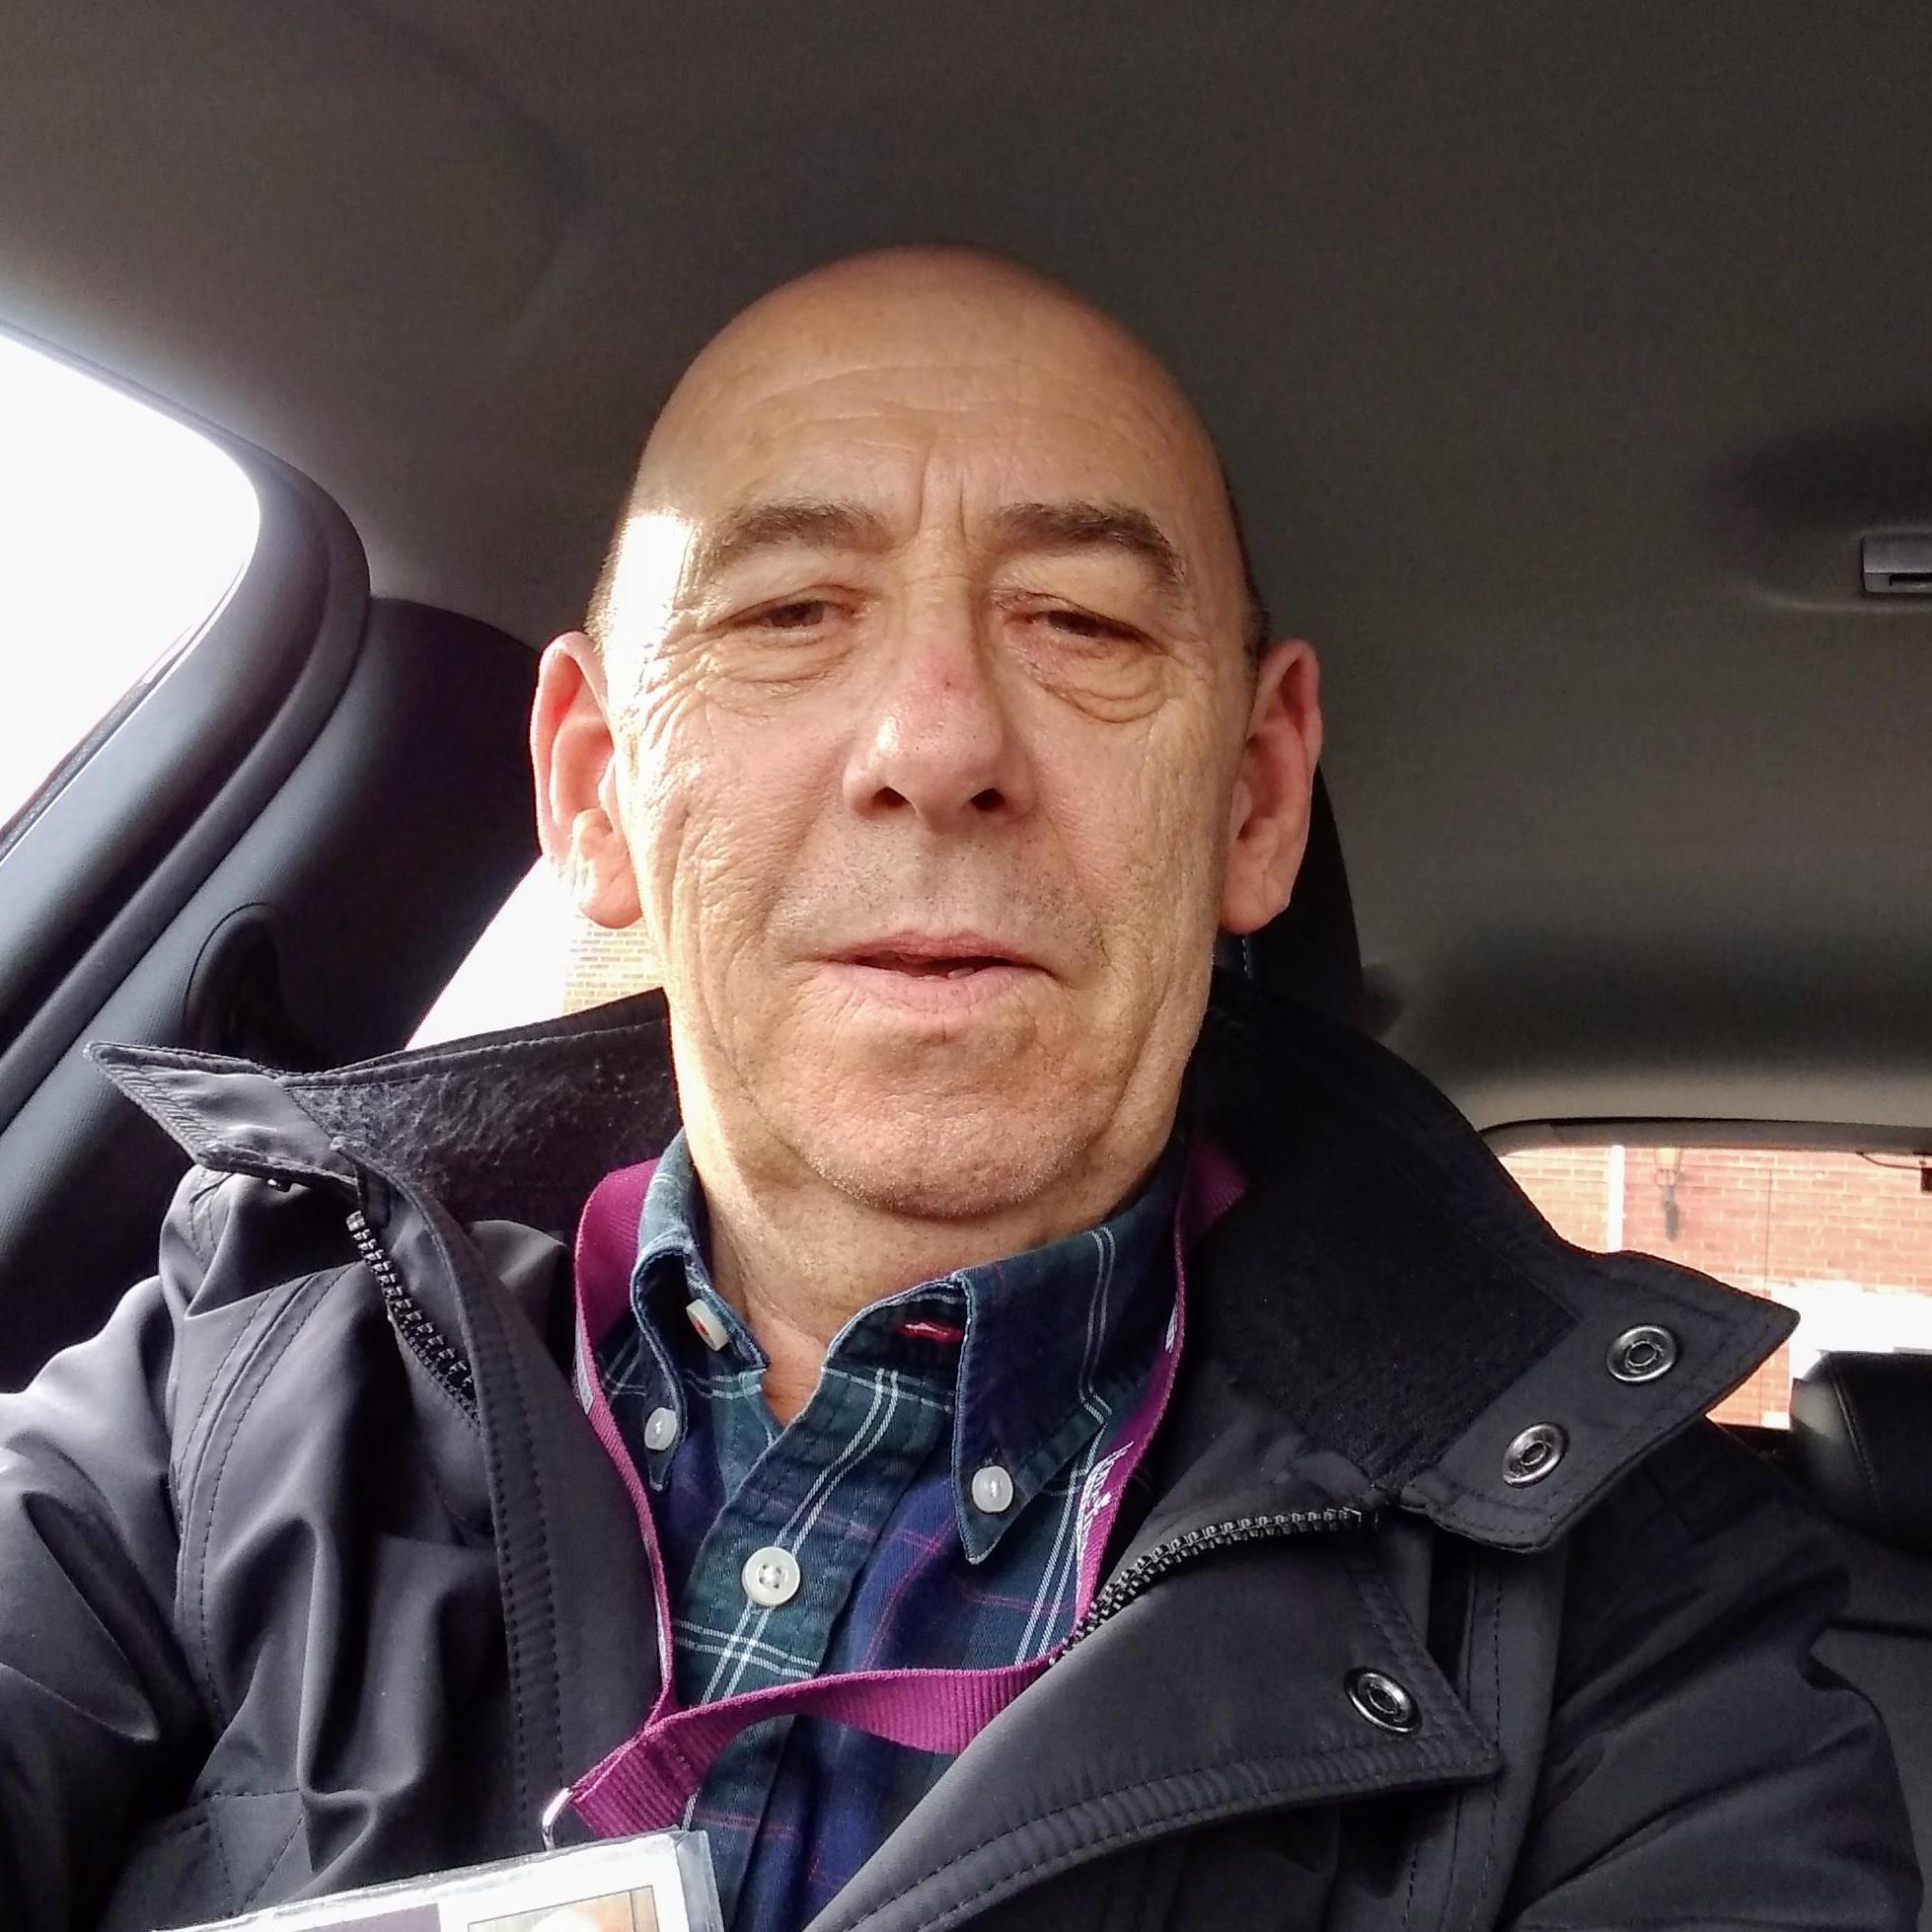 Smiley Steve in his car